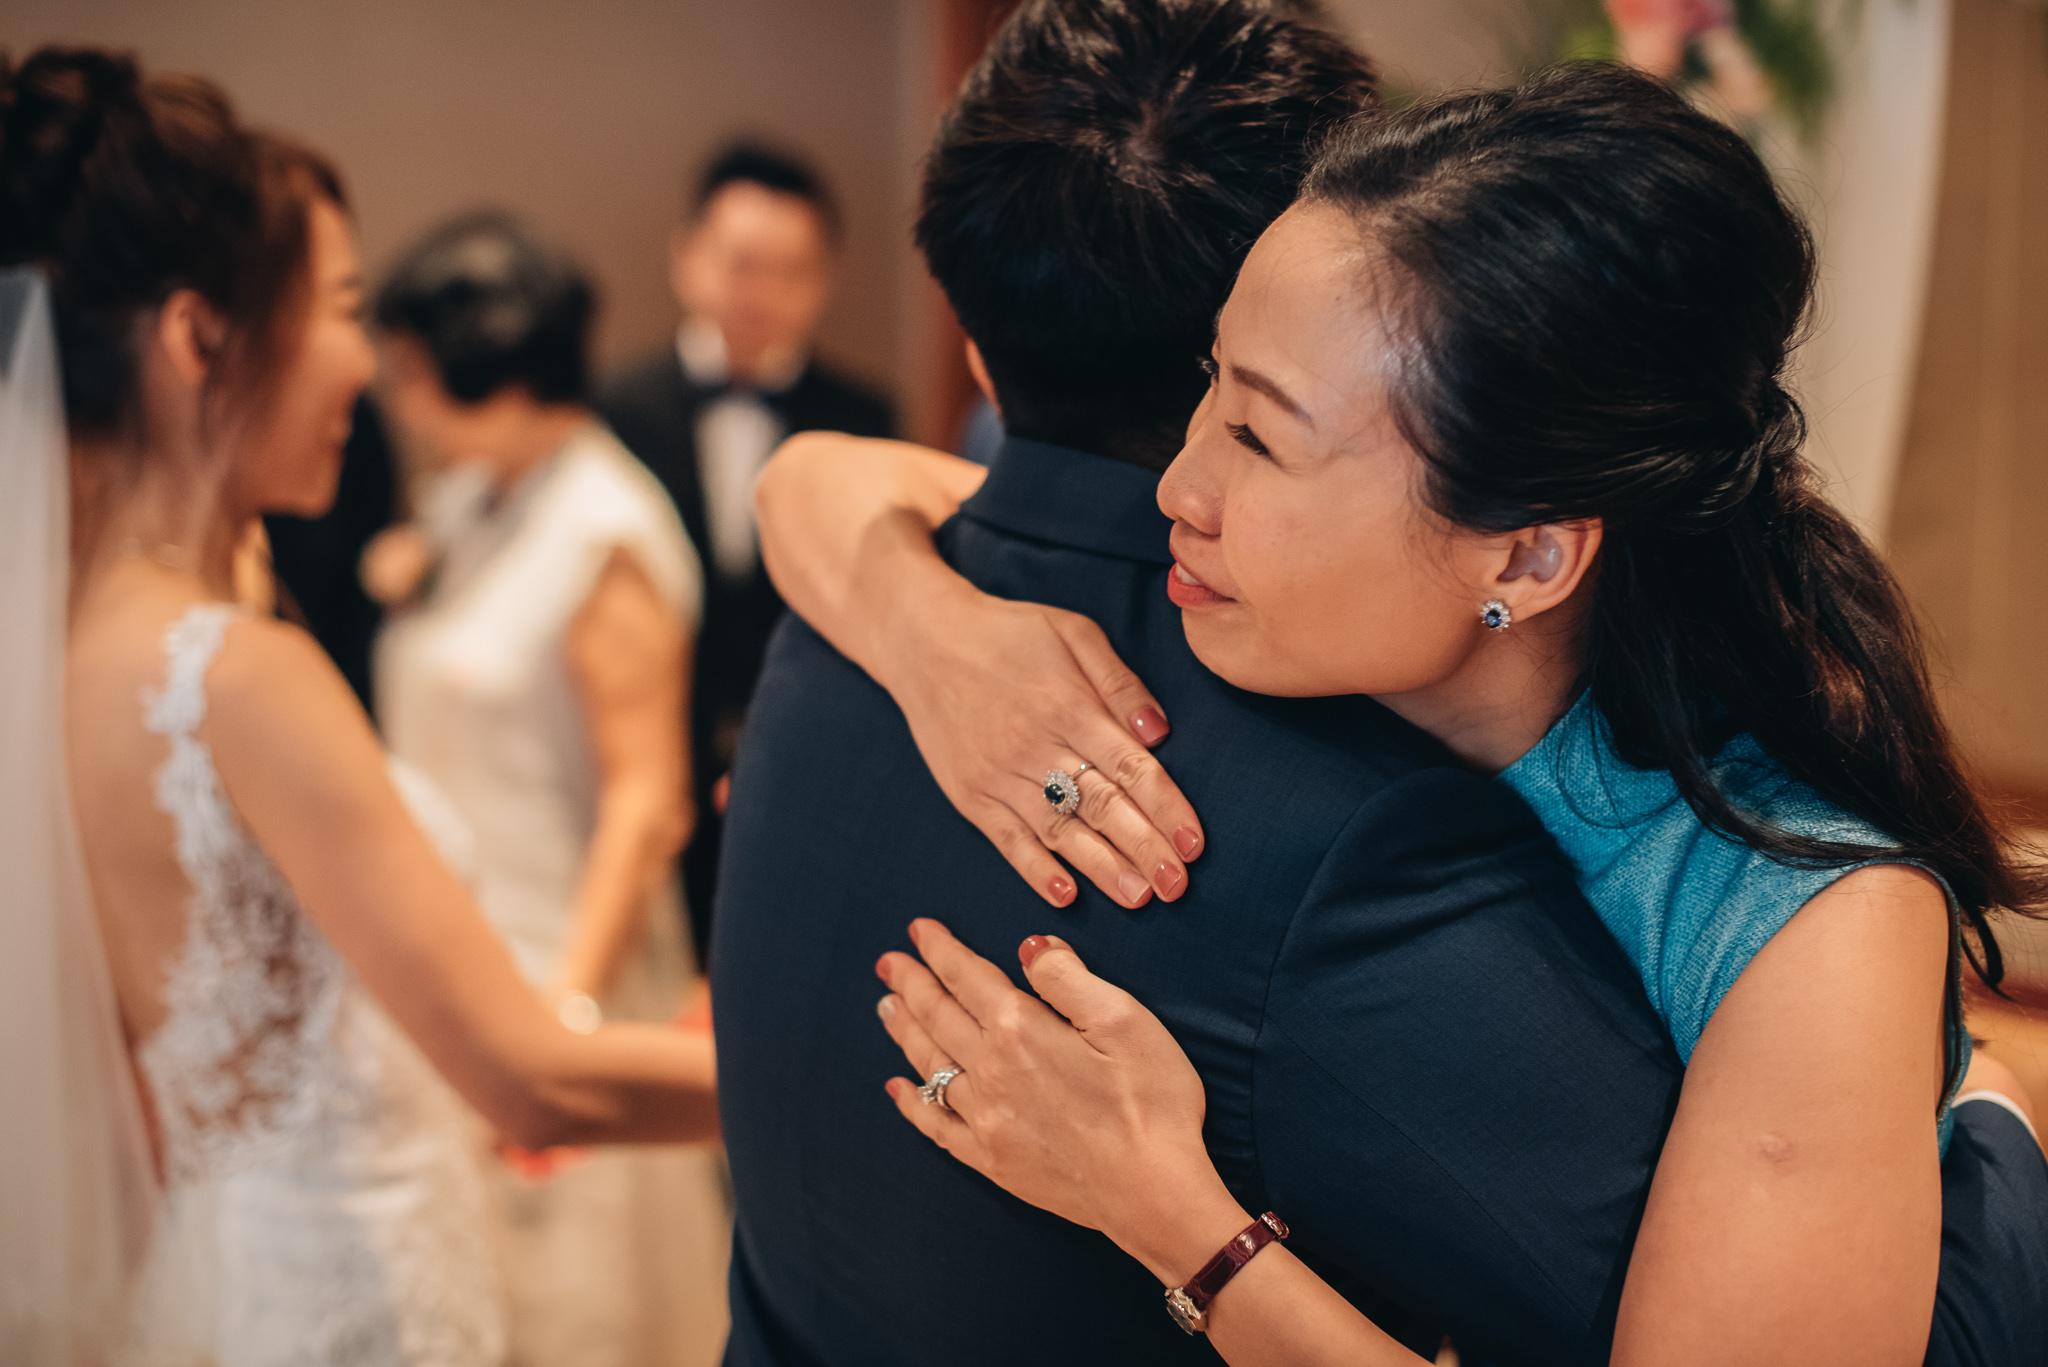 Jocelyn & Chris Wedding Day Highlights (resized for sharing) - 122.jpg